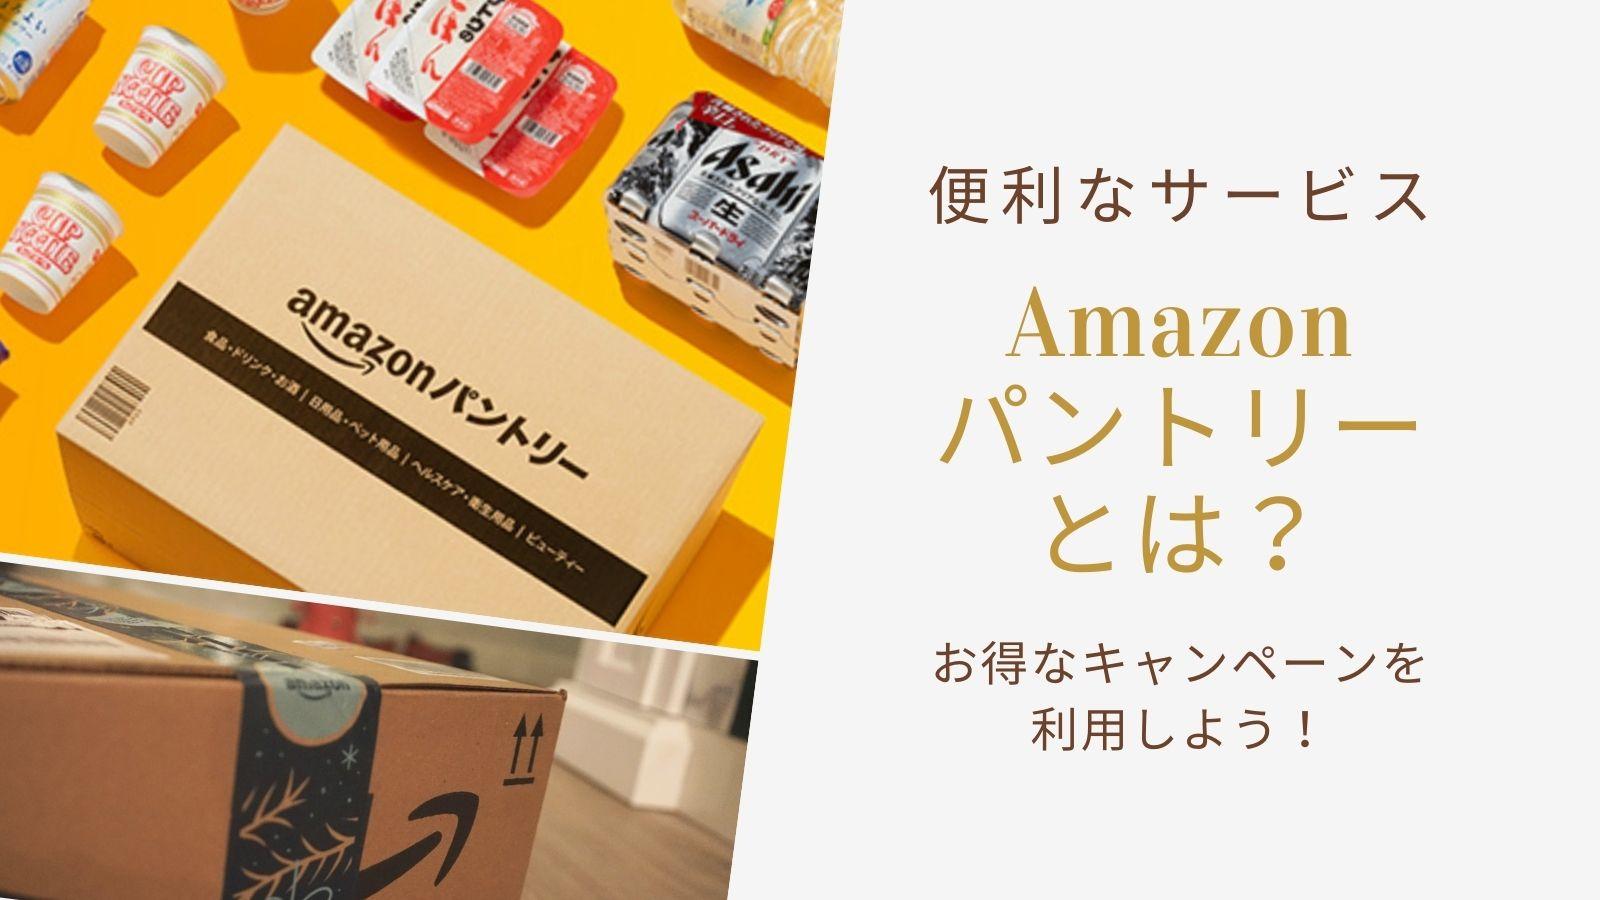 【便利だけどお得ではない?】Amazonパントリーのメリットとは【手数料かかります!】のバナー画像